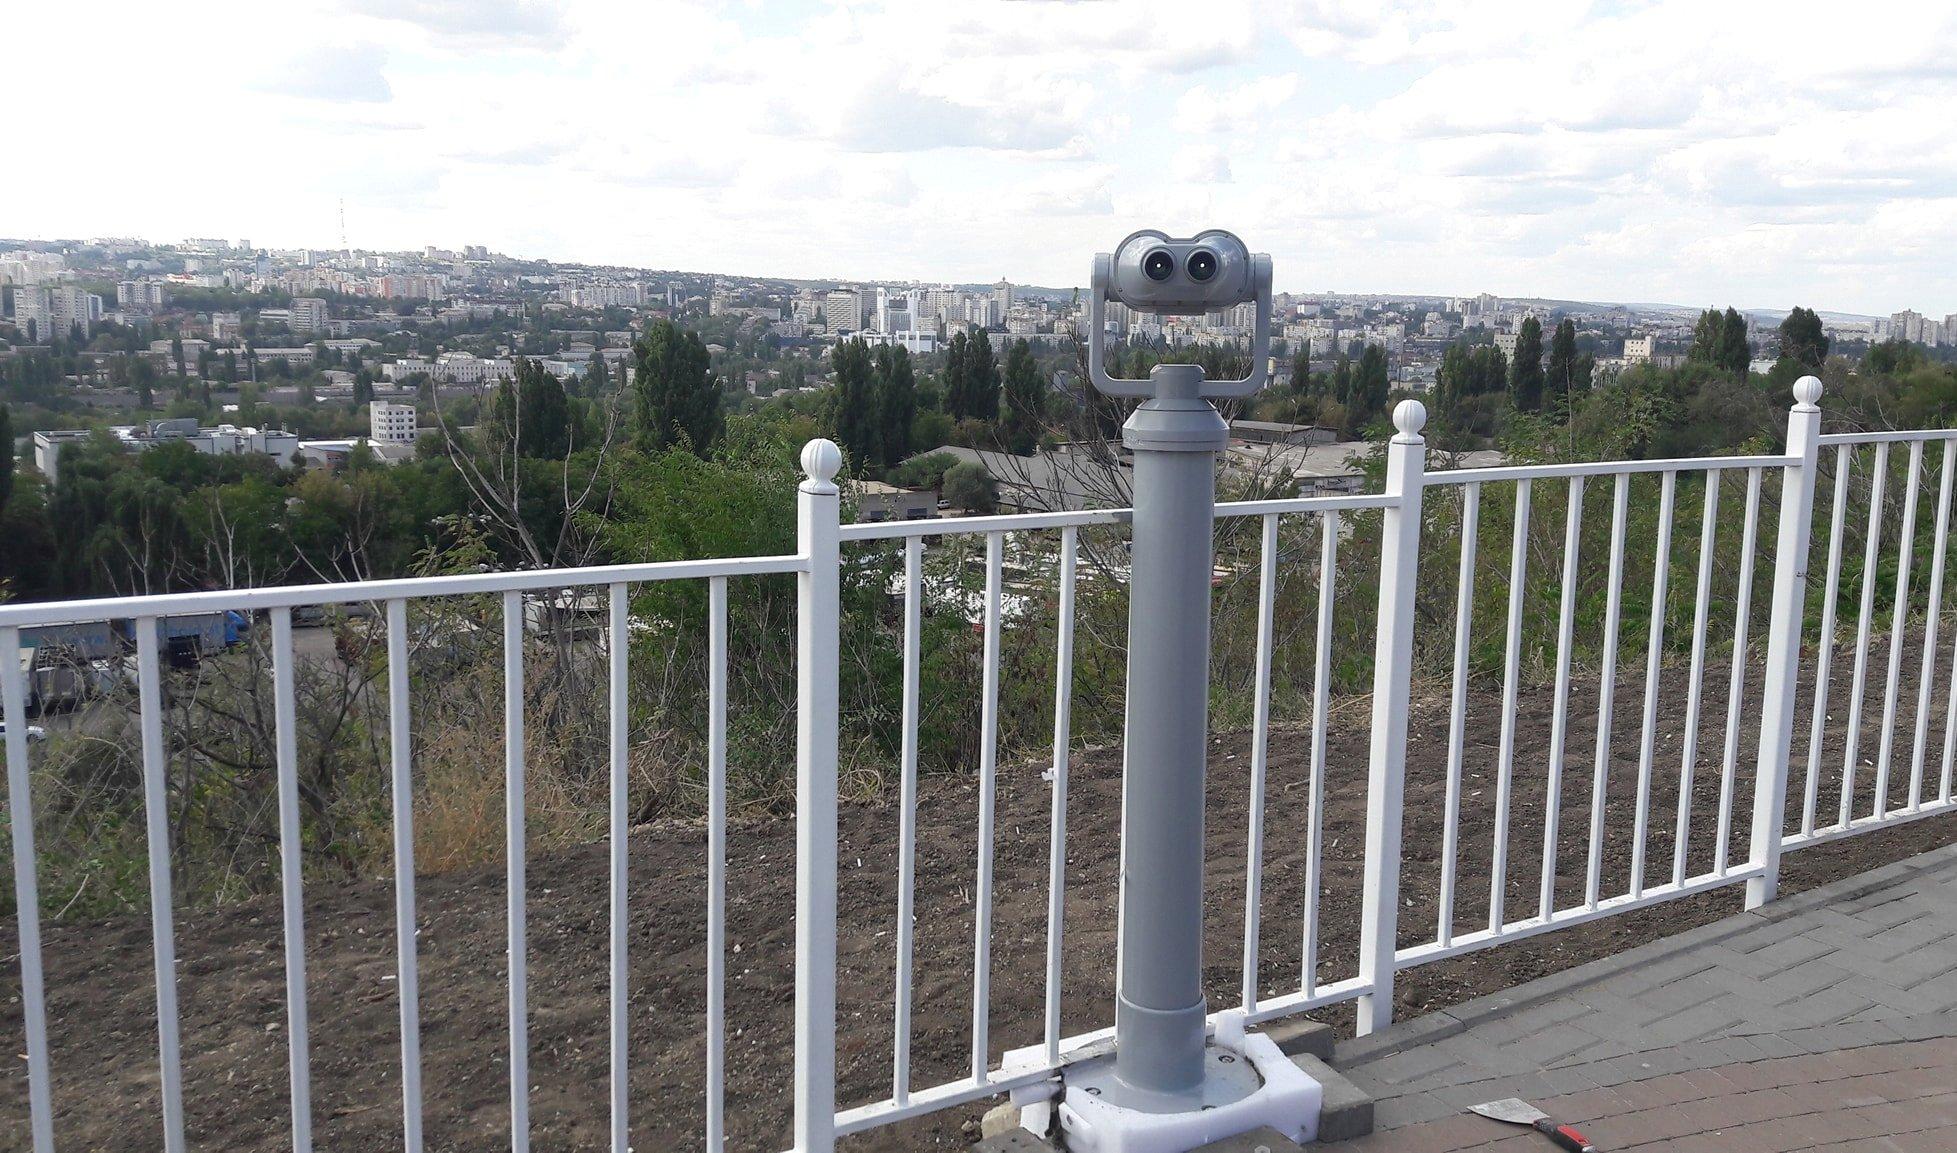 viziunea panoramică este